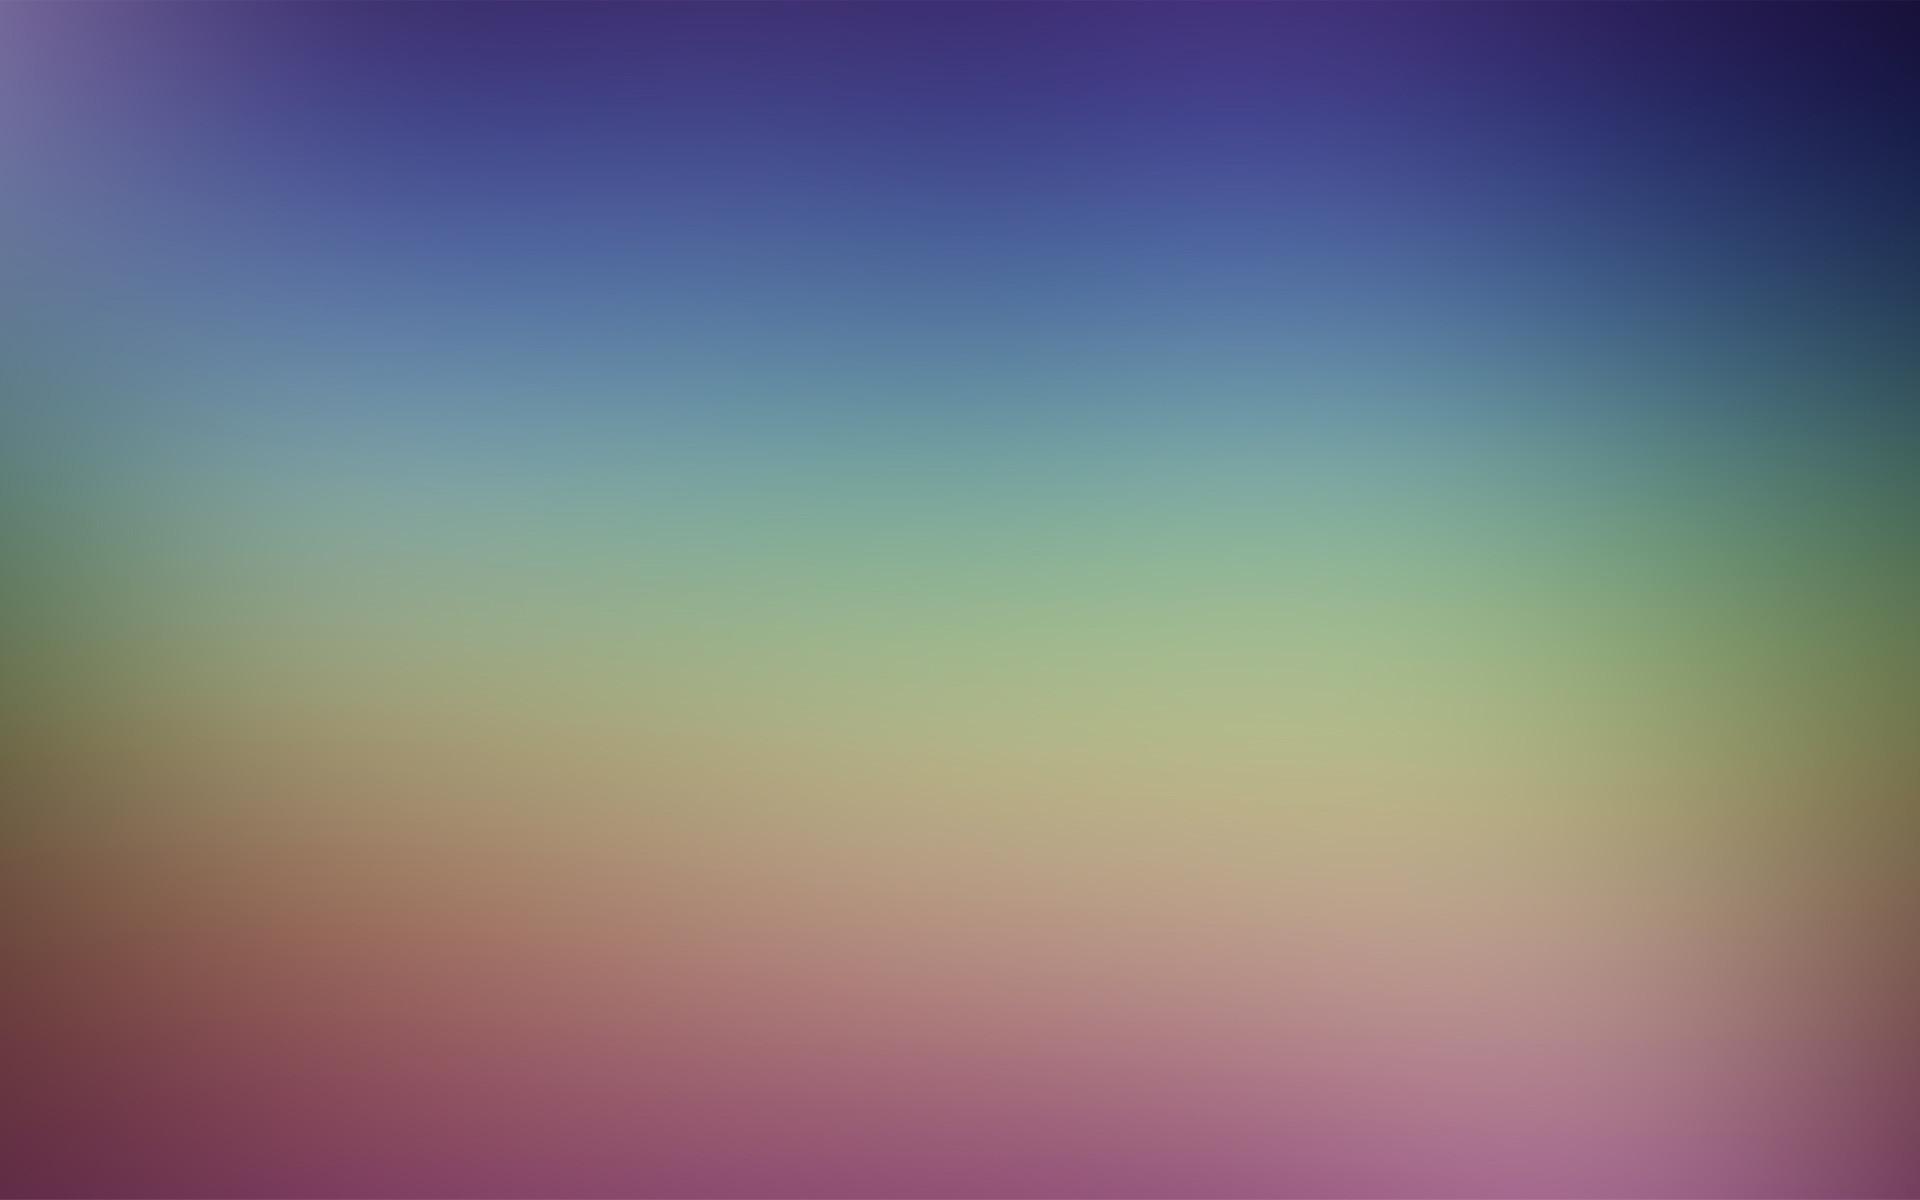 Scarface Full Hd Wallpaper Sfondi Colori Sfumati 46 Immagini